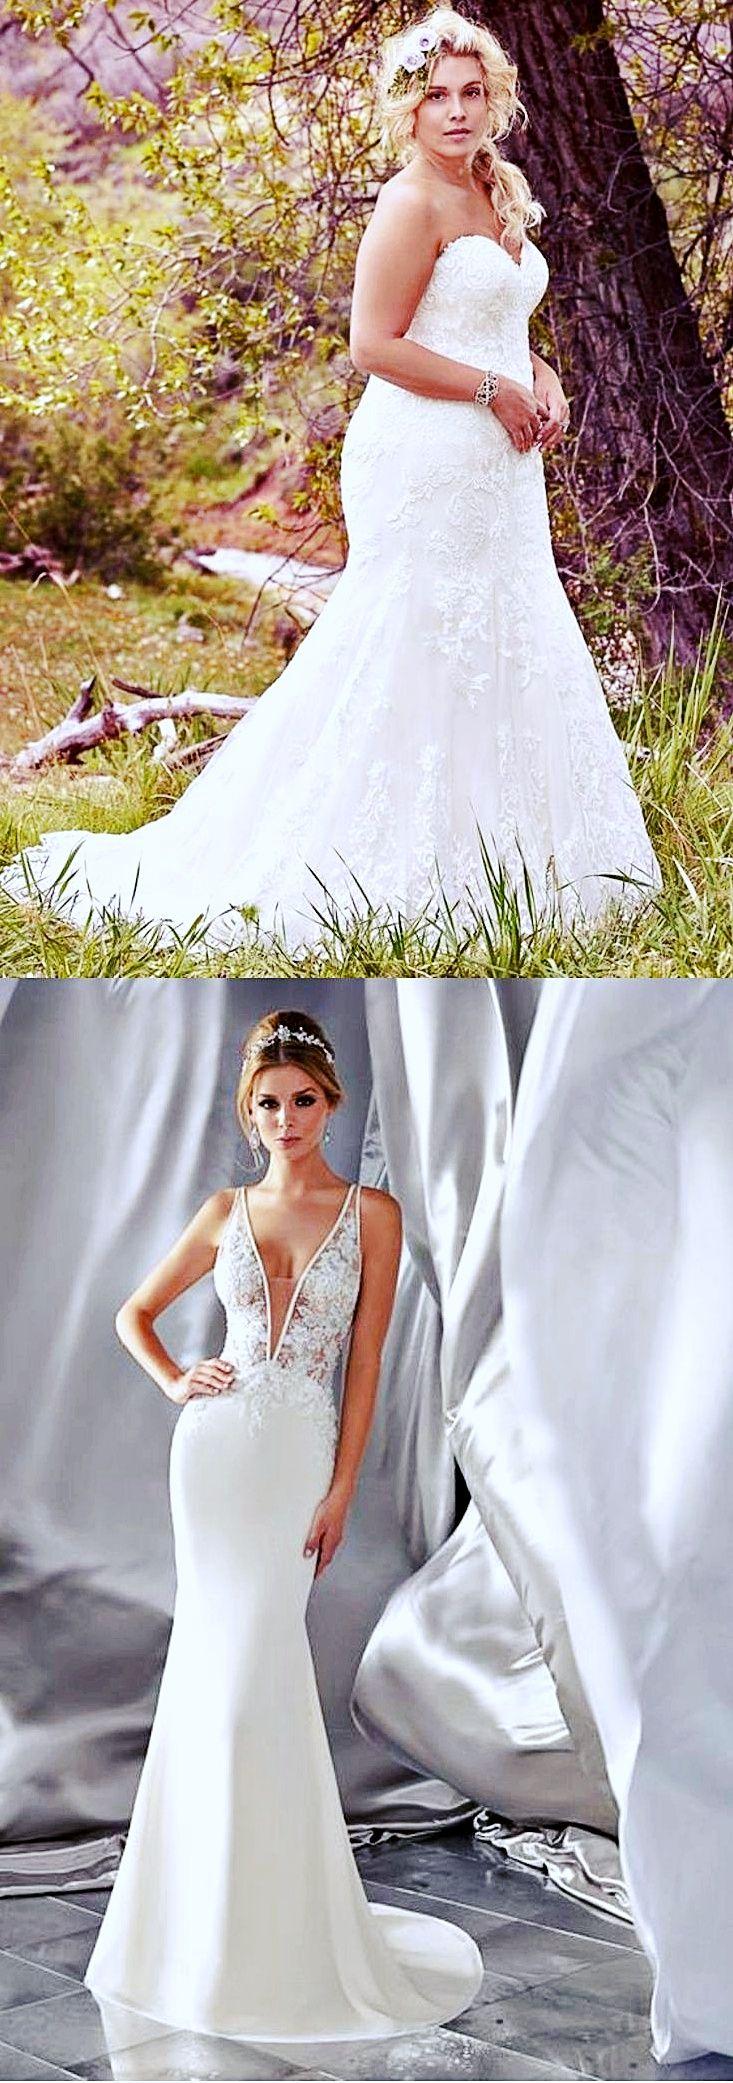 Find More Information On Best Wedding Dresses For Plus Size Brides Plus Size Wedding Best Wedding Dresses Dresses [ 2083 x 733 Pixel ]